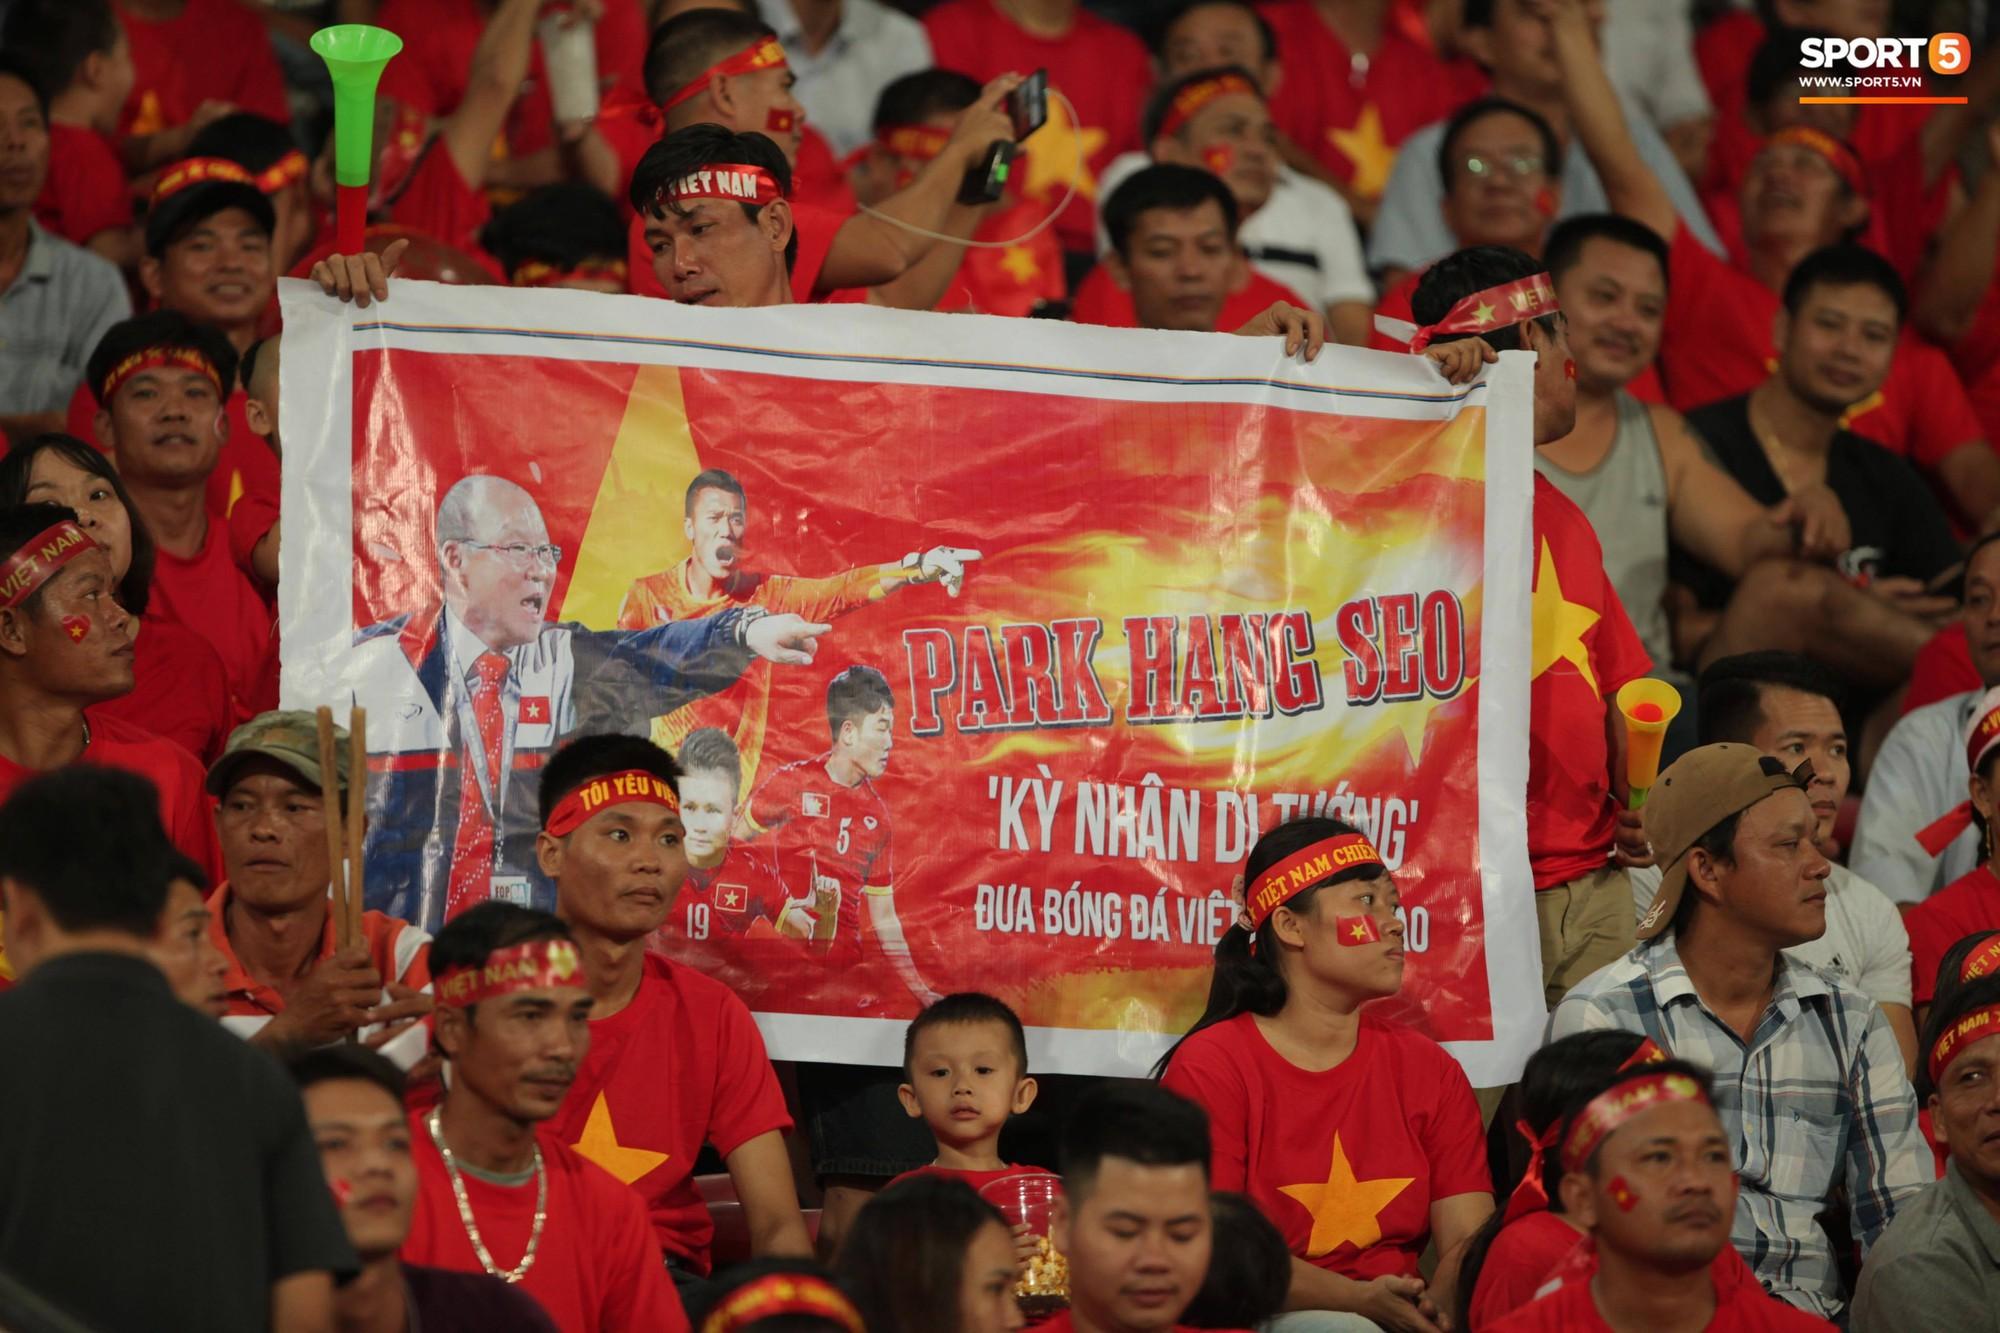 aff cup 2018 - photo 7 1541735881727979797668 - Đây mới là lý do khiến cầu thủ Lào chạnh lòng sau trận thua Việt Nam ở AFF Cup 2018